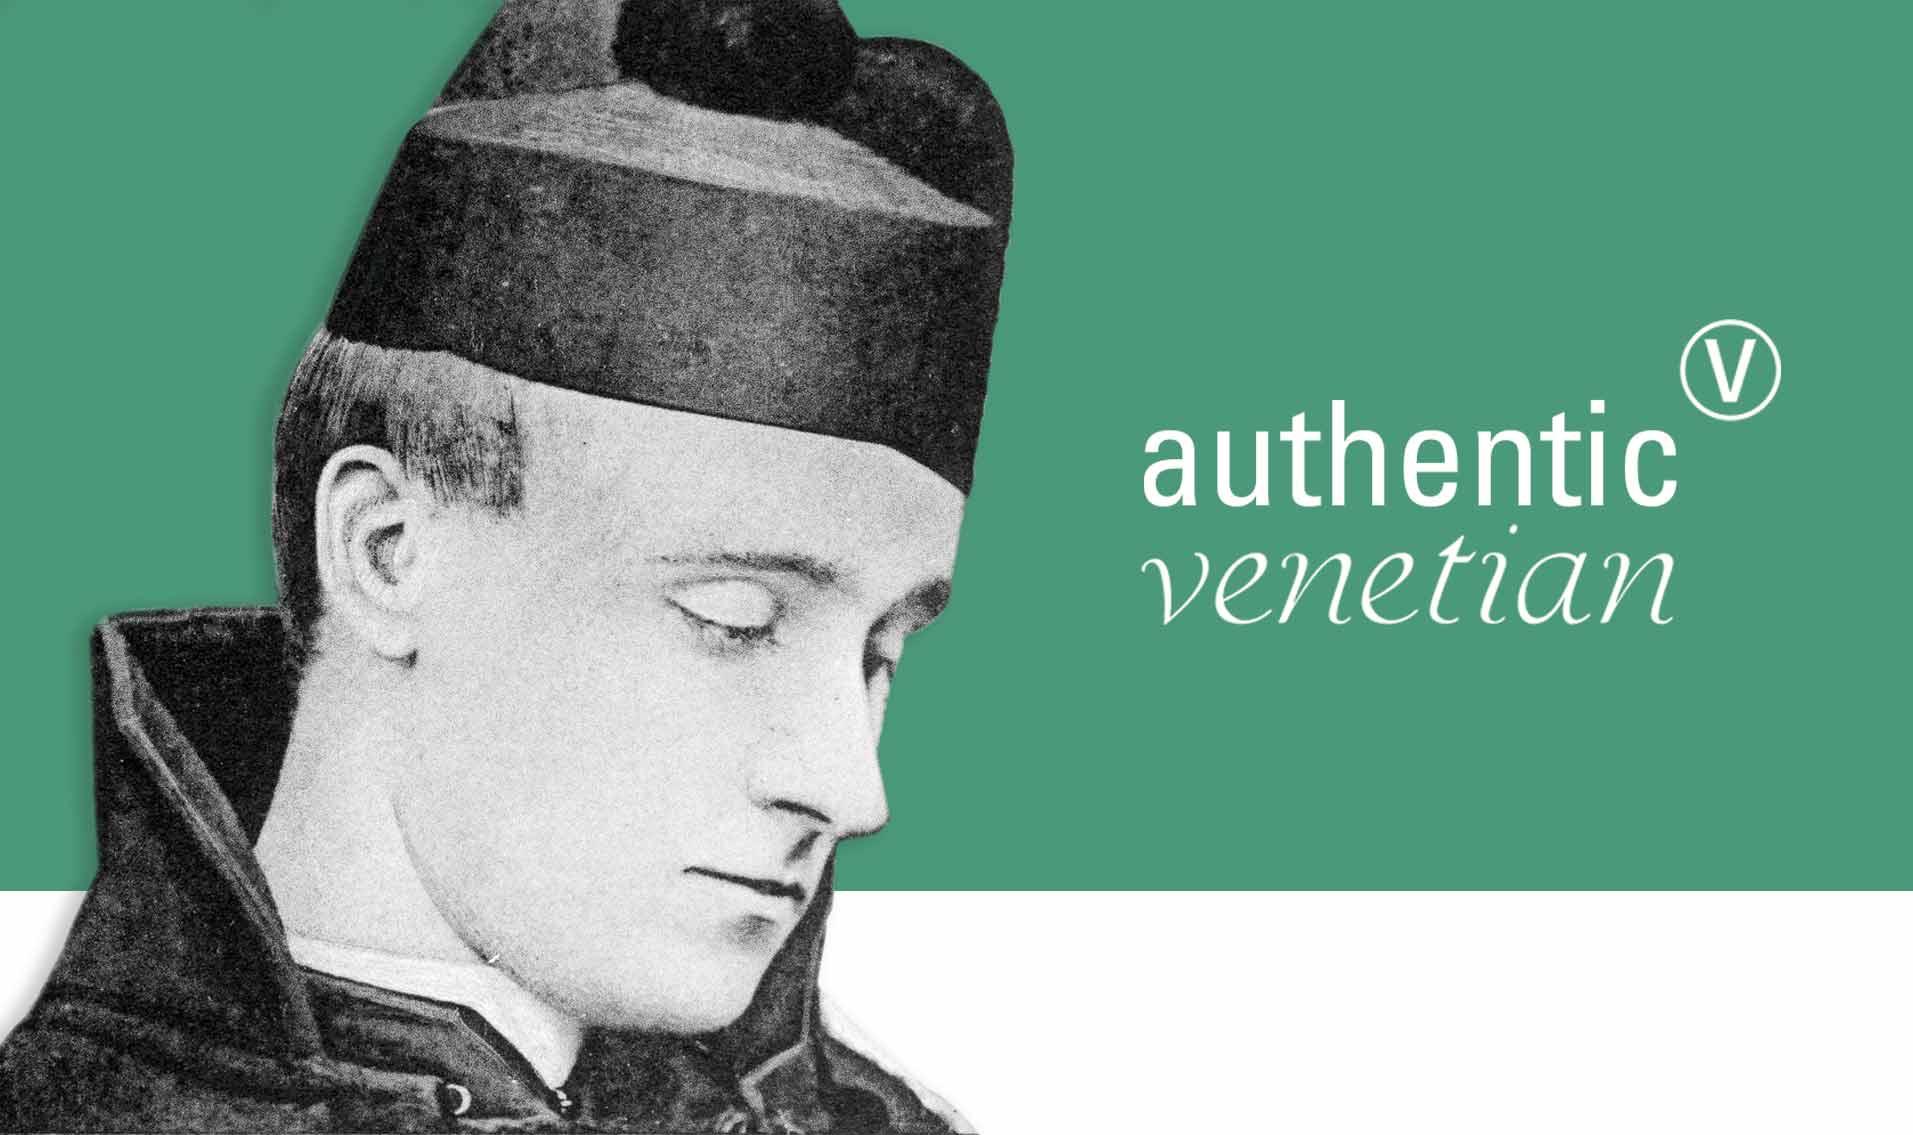 authenticvenetian_baron_corvo